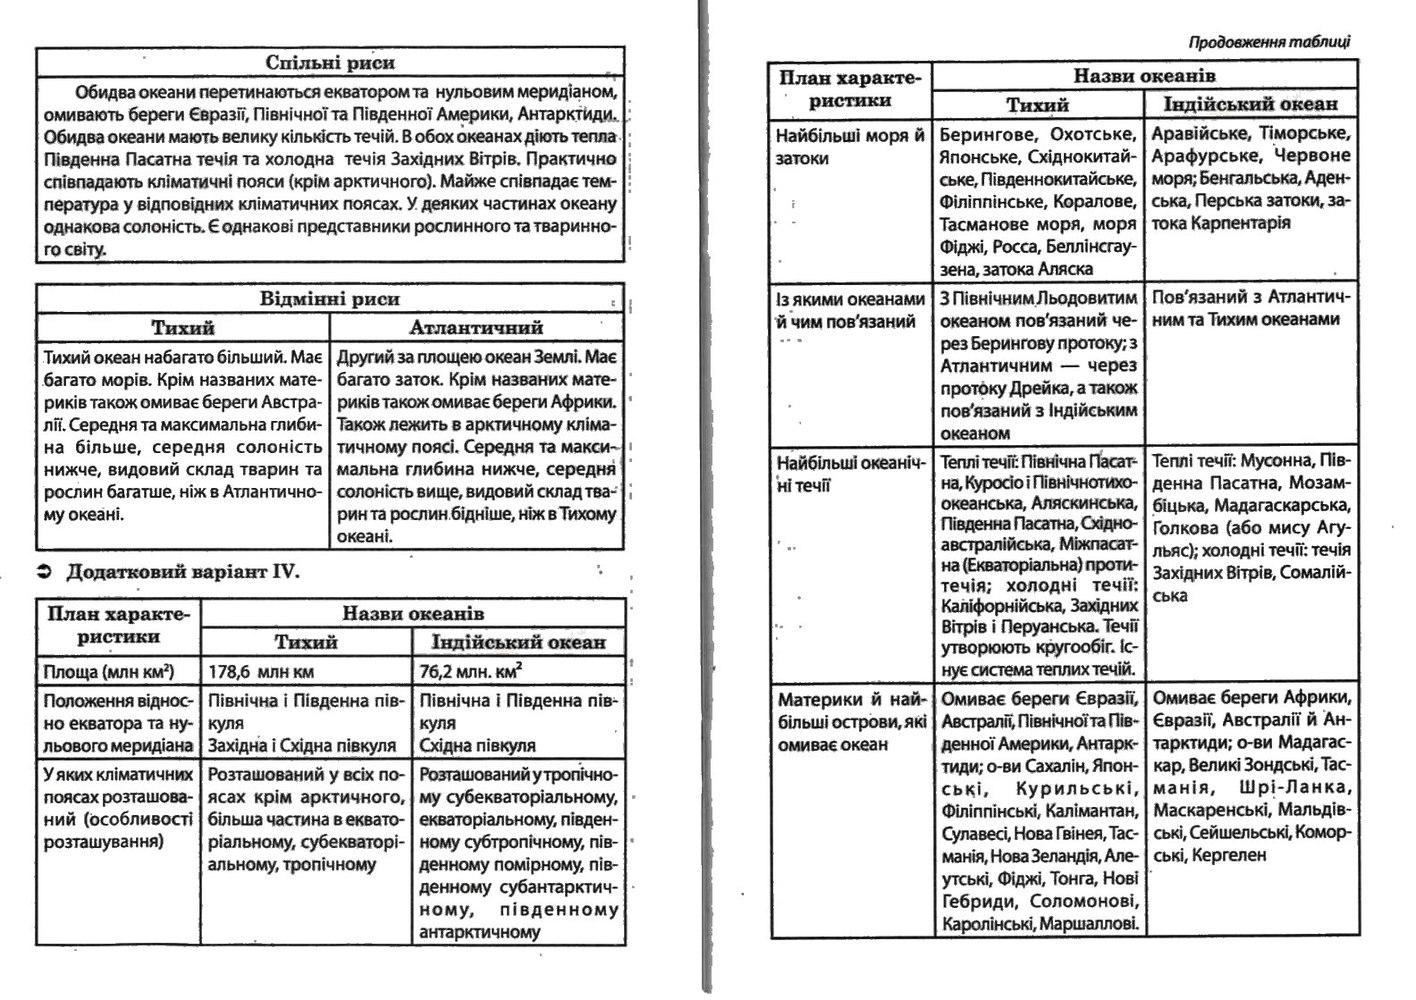 ГДЗ відповіді робочий зошит по географии 7 класс О.Г. Стадник. Задание: №6(2)